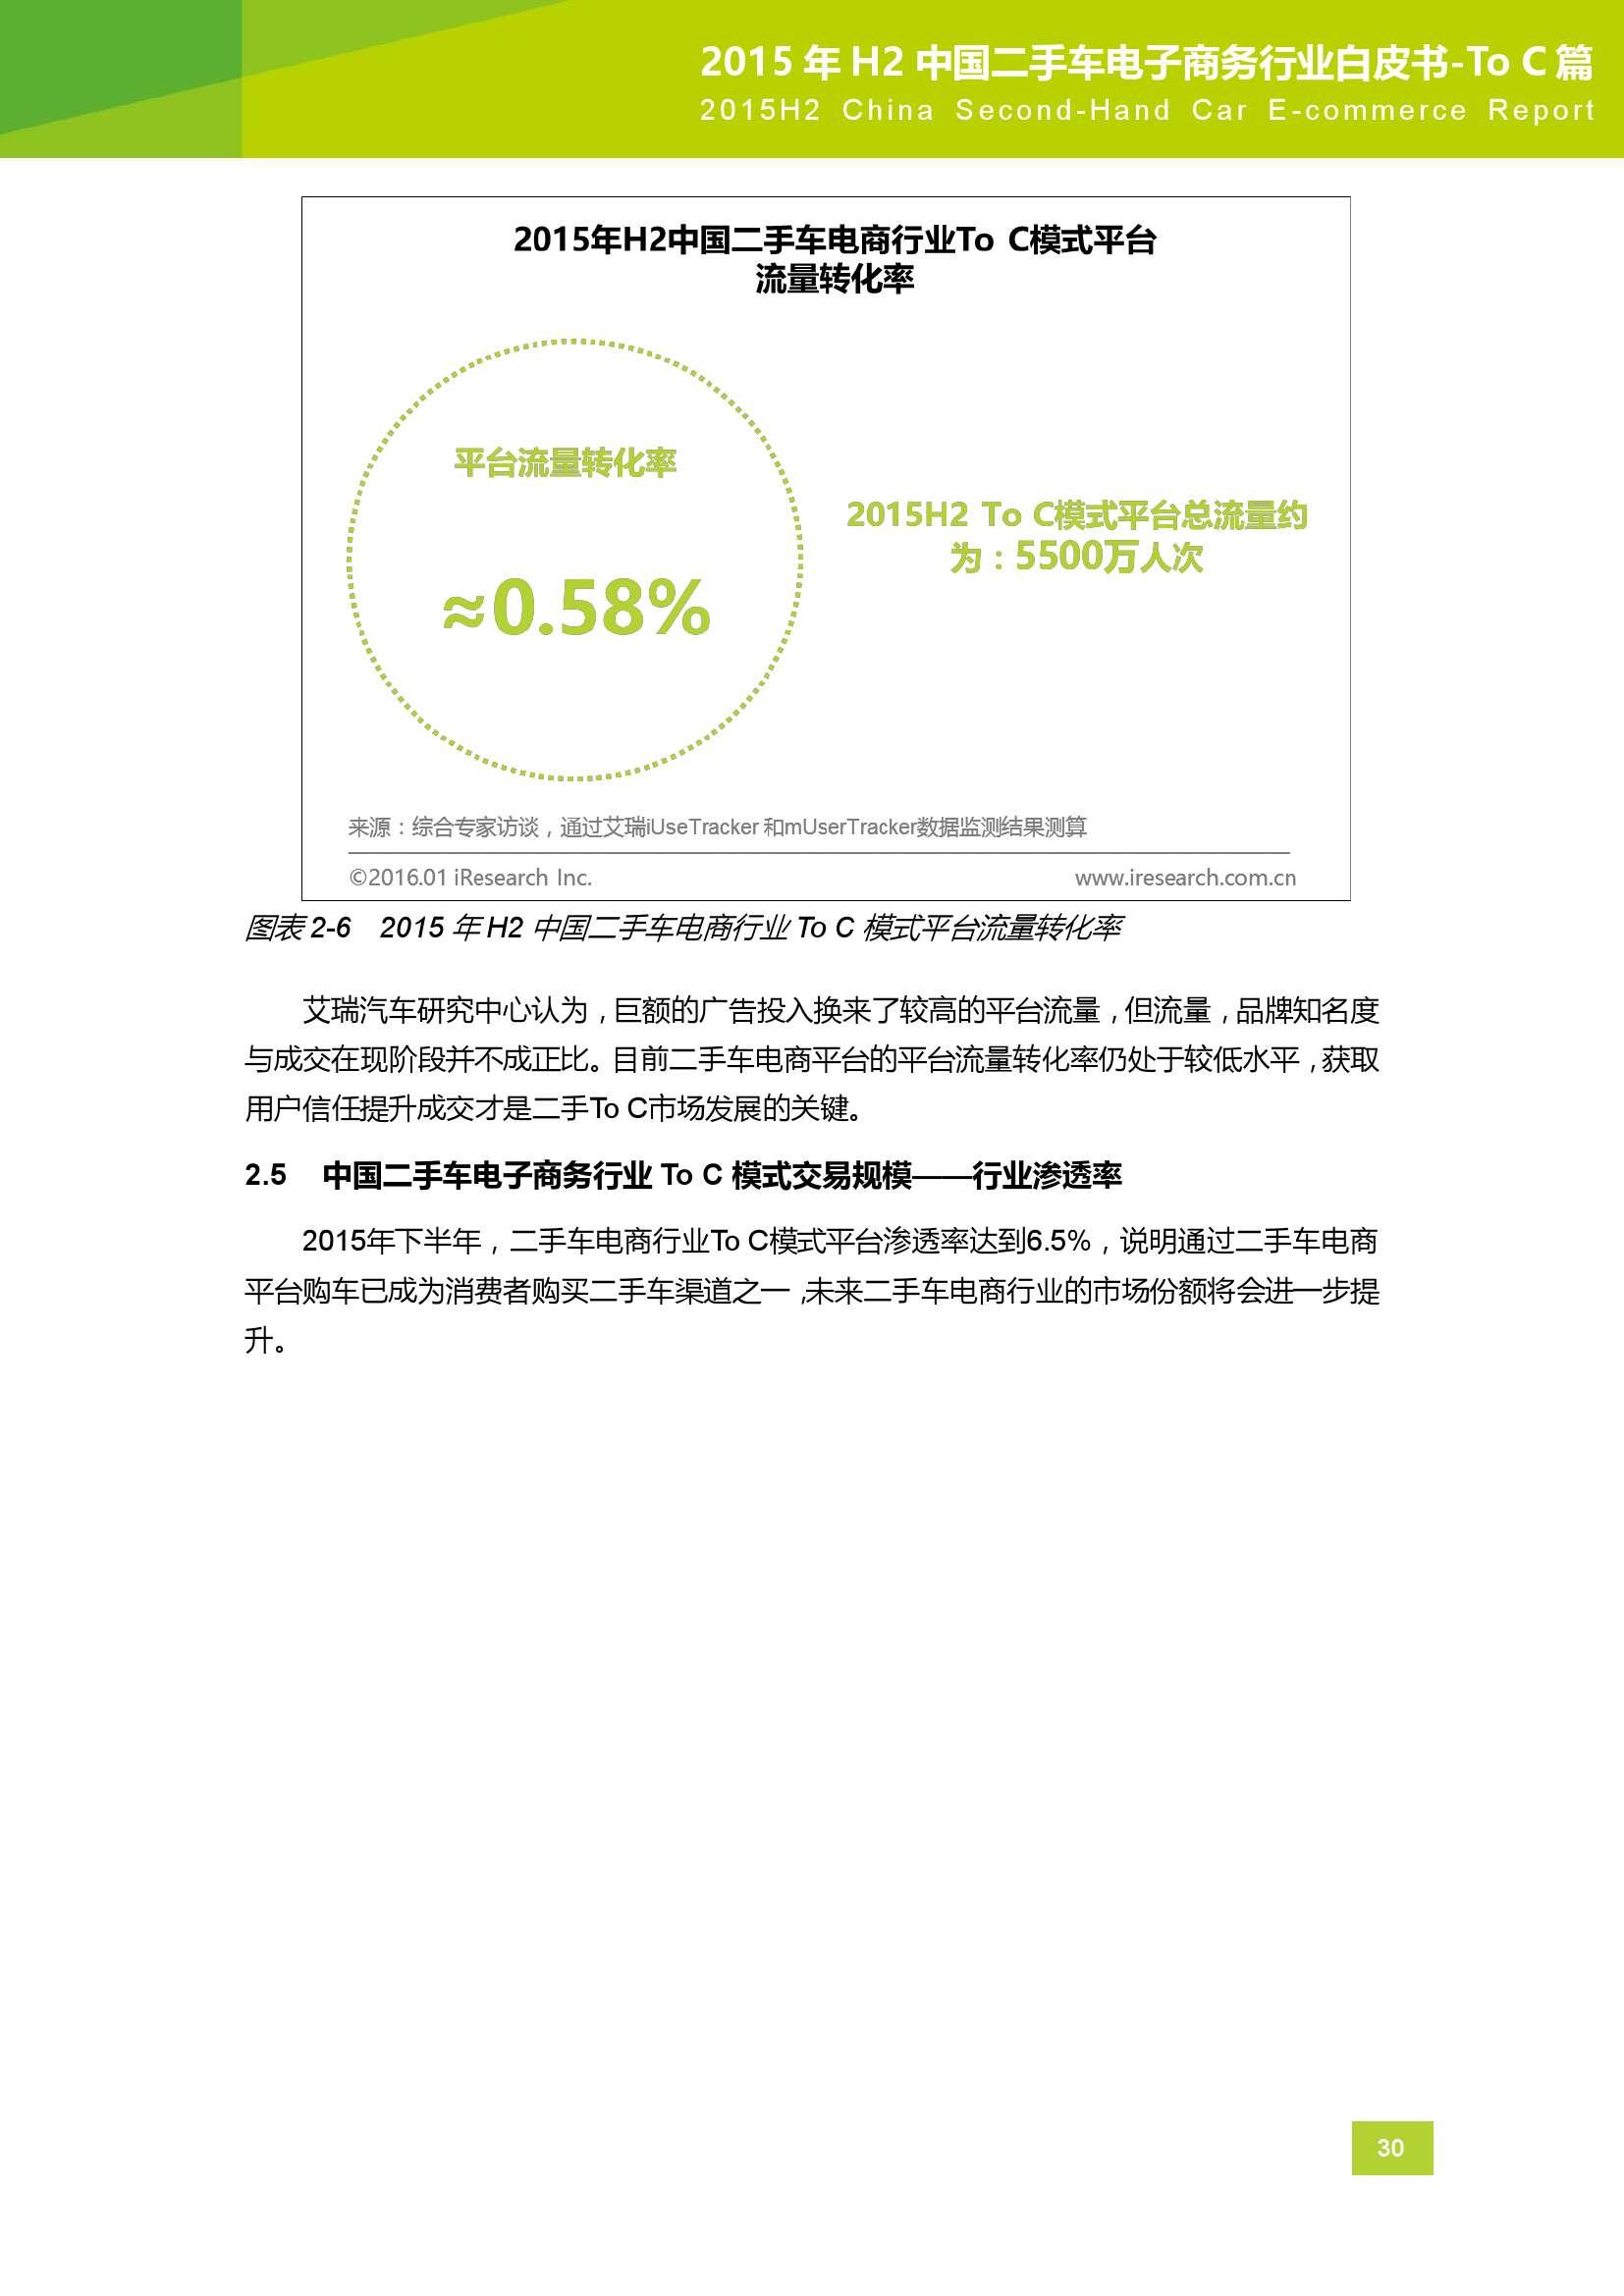 2015年H2中国二手车电子商务行业白皮书_000030